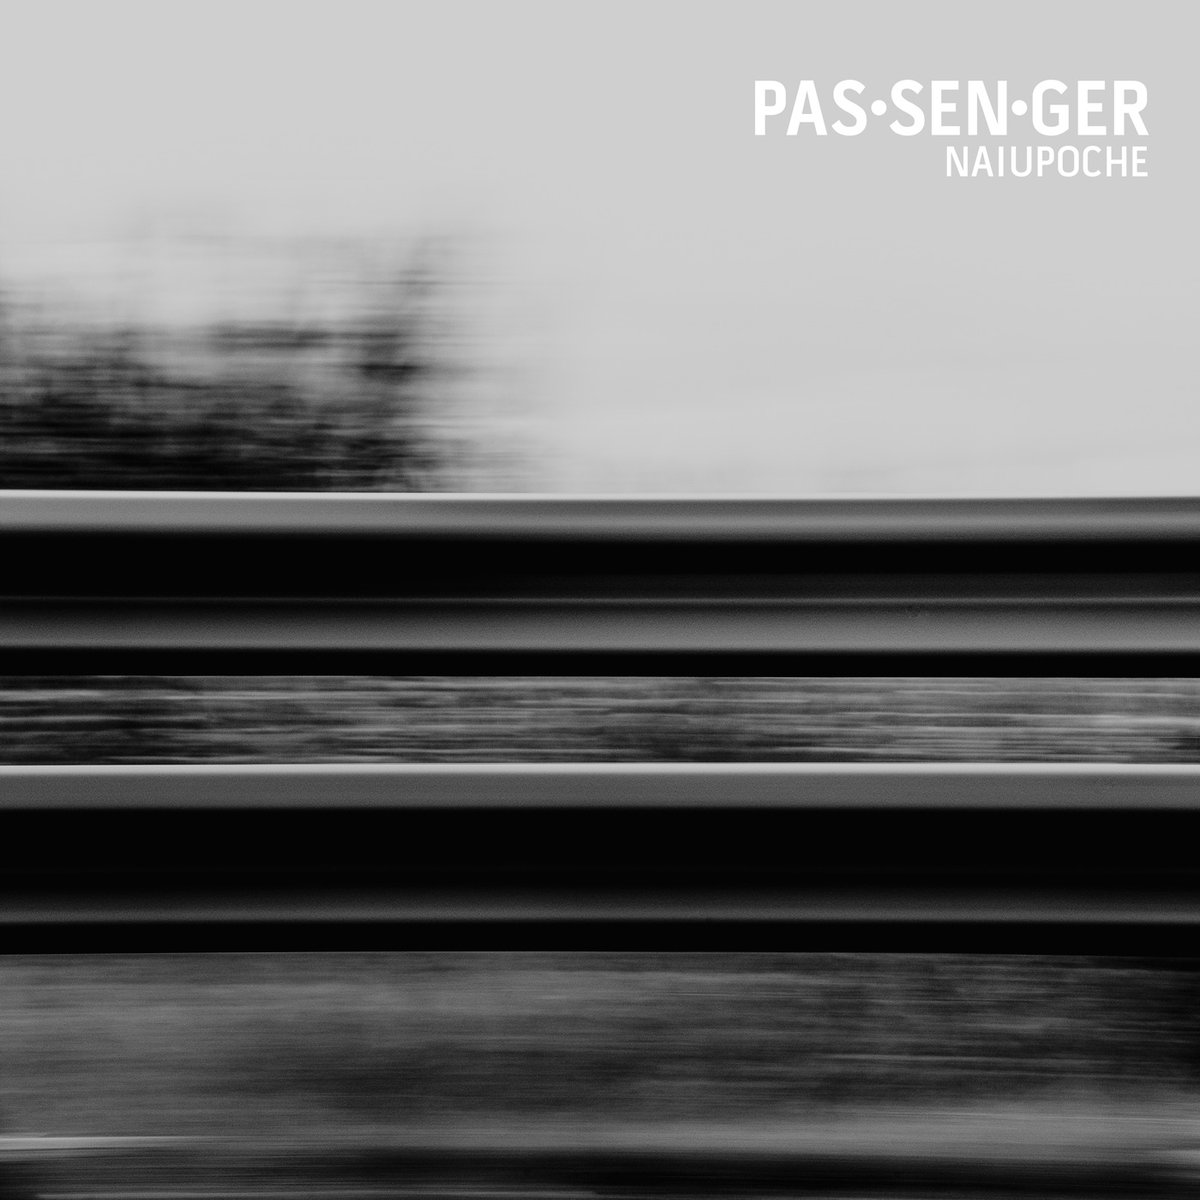 Naiupoche - Venerdì santo, Vol. 1: Passenger - album cover